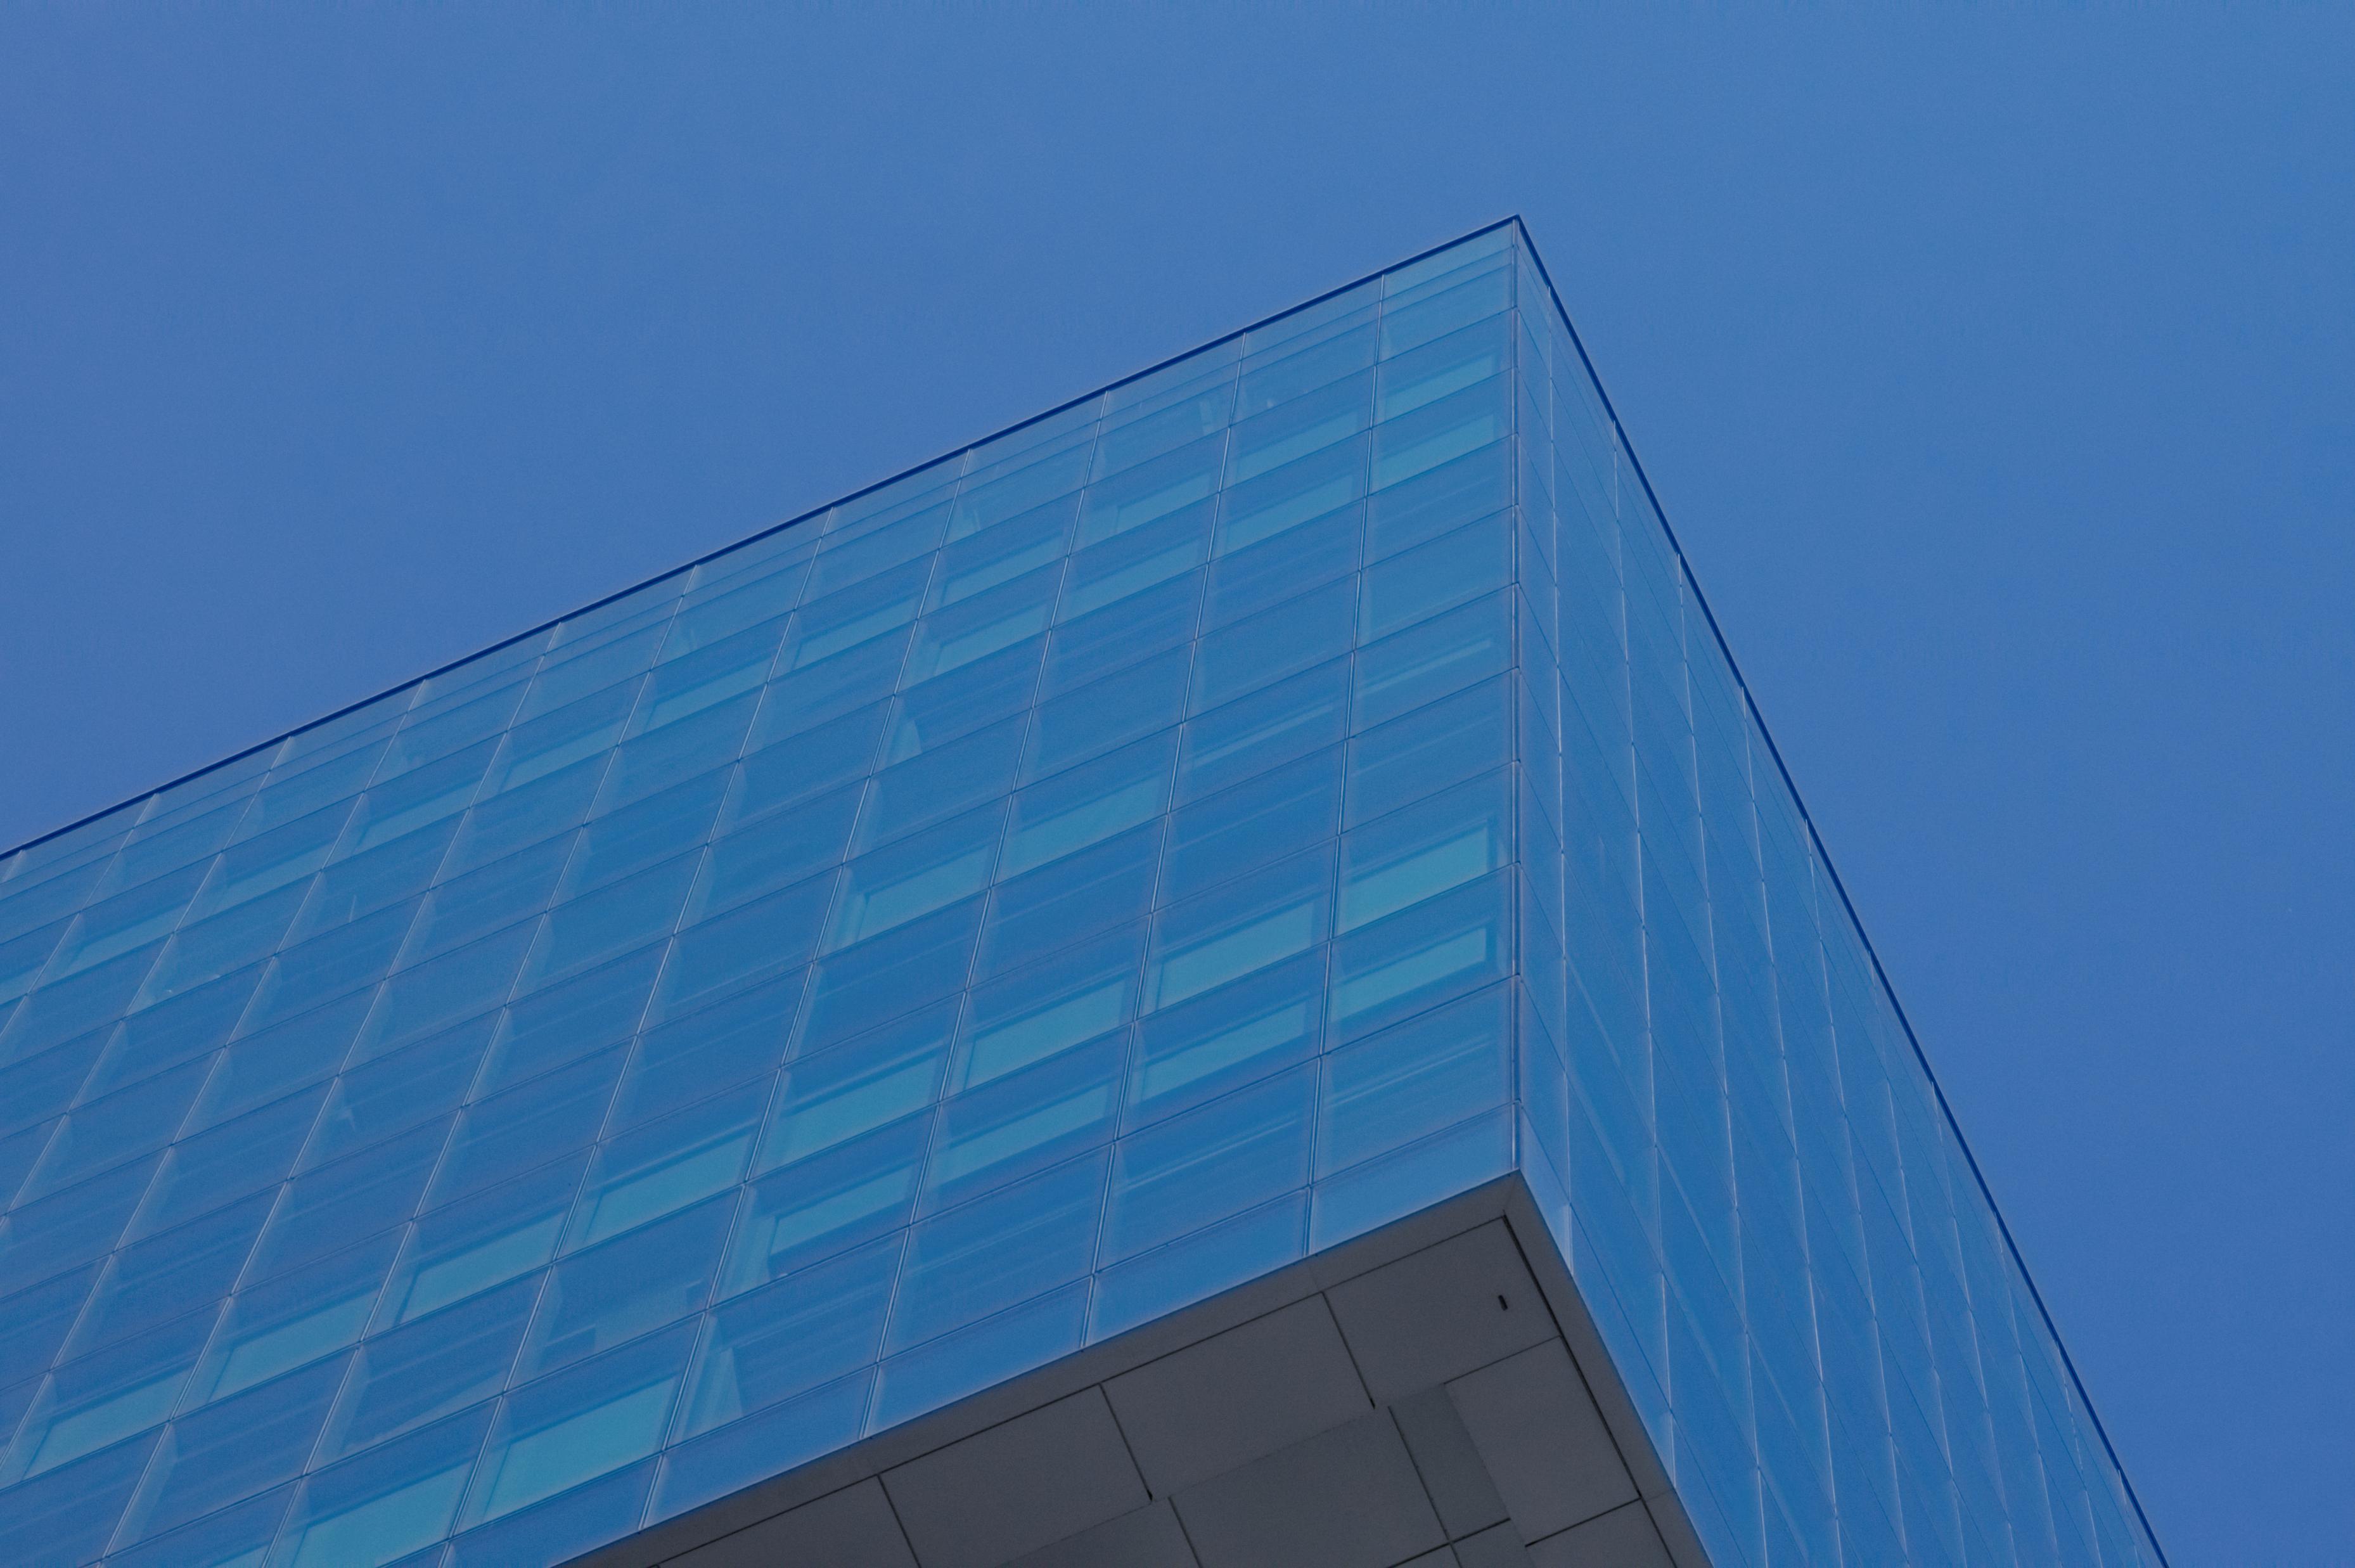 Hình nền : đường phố, màu xanh da trời, Bầu trời, Tòa nhà